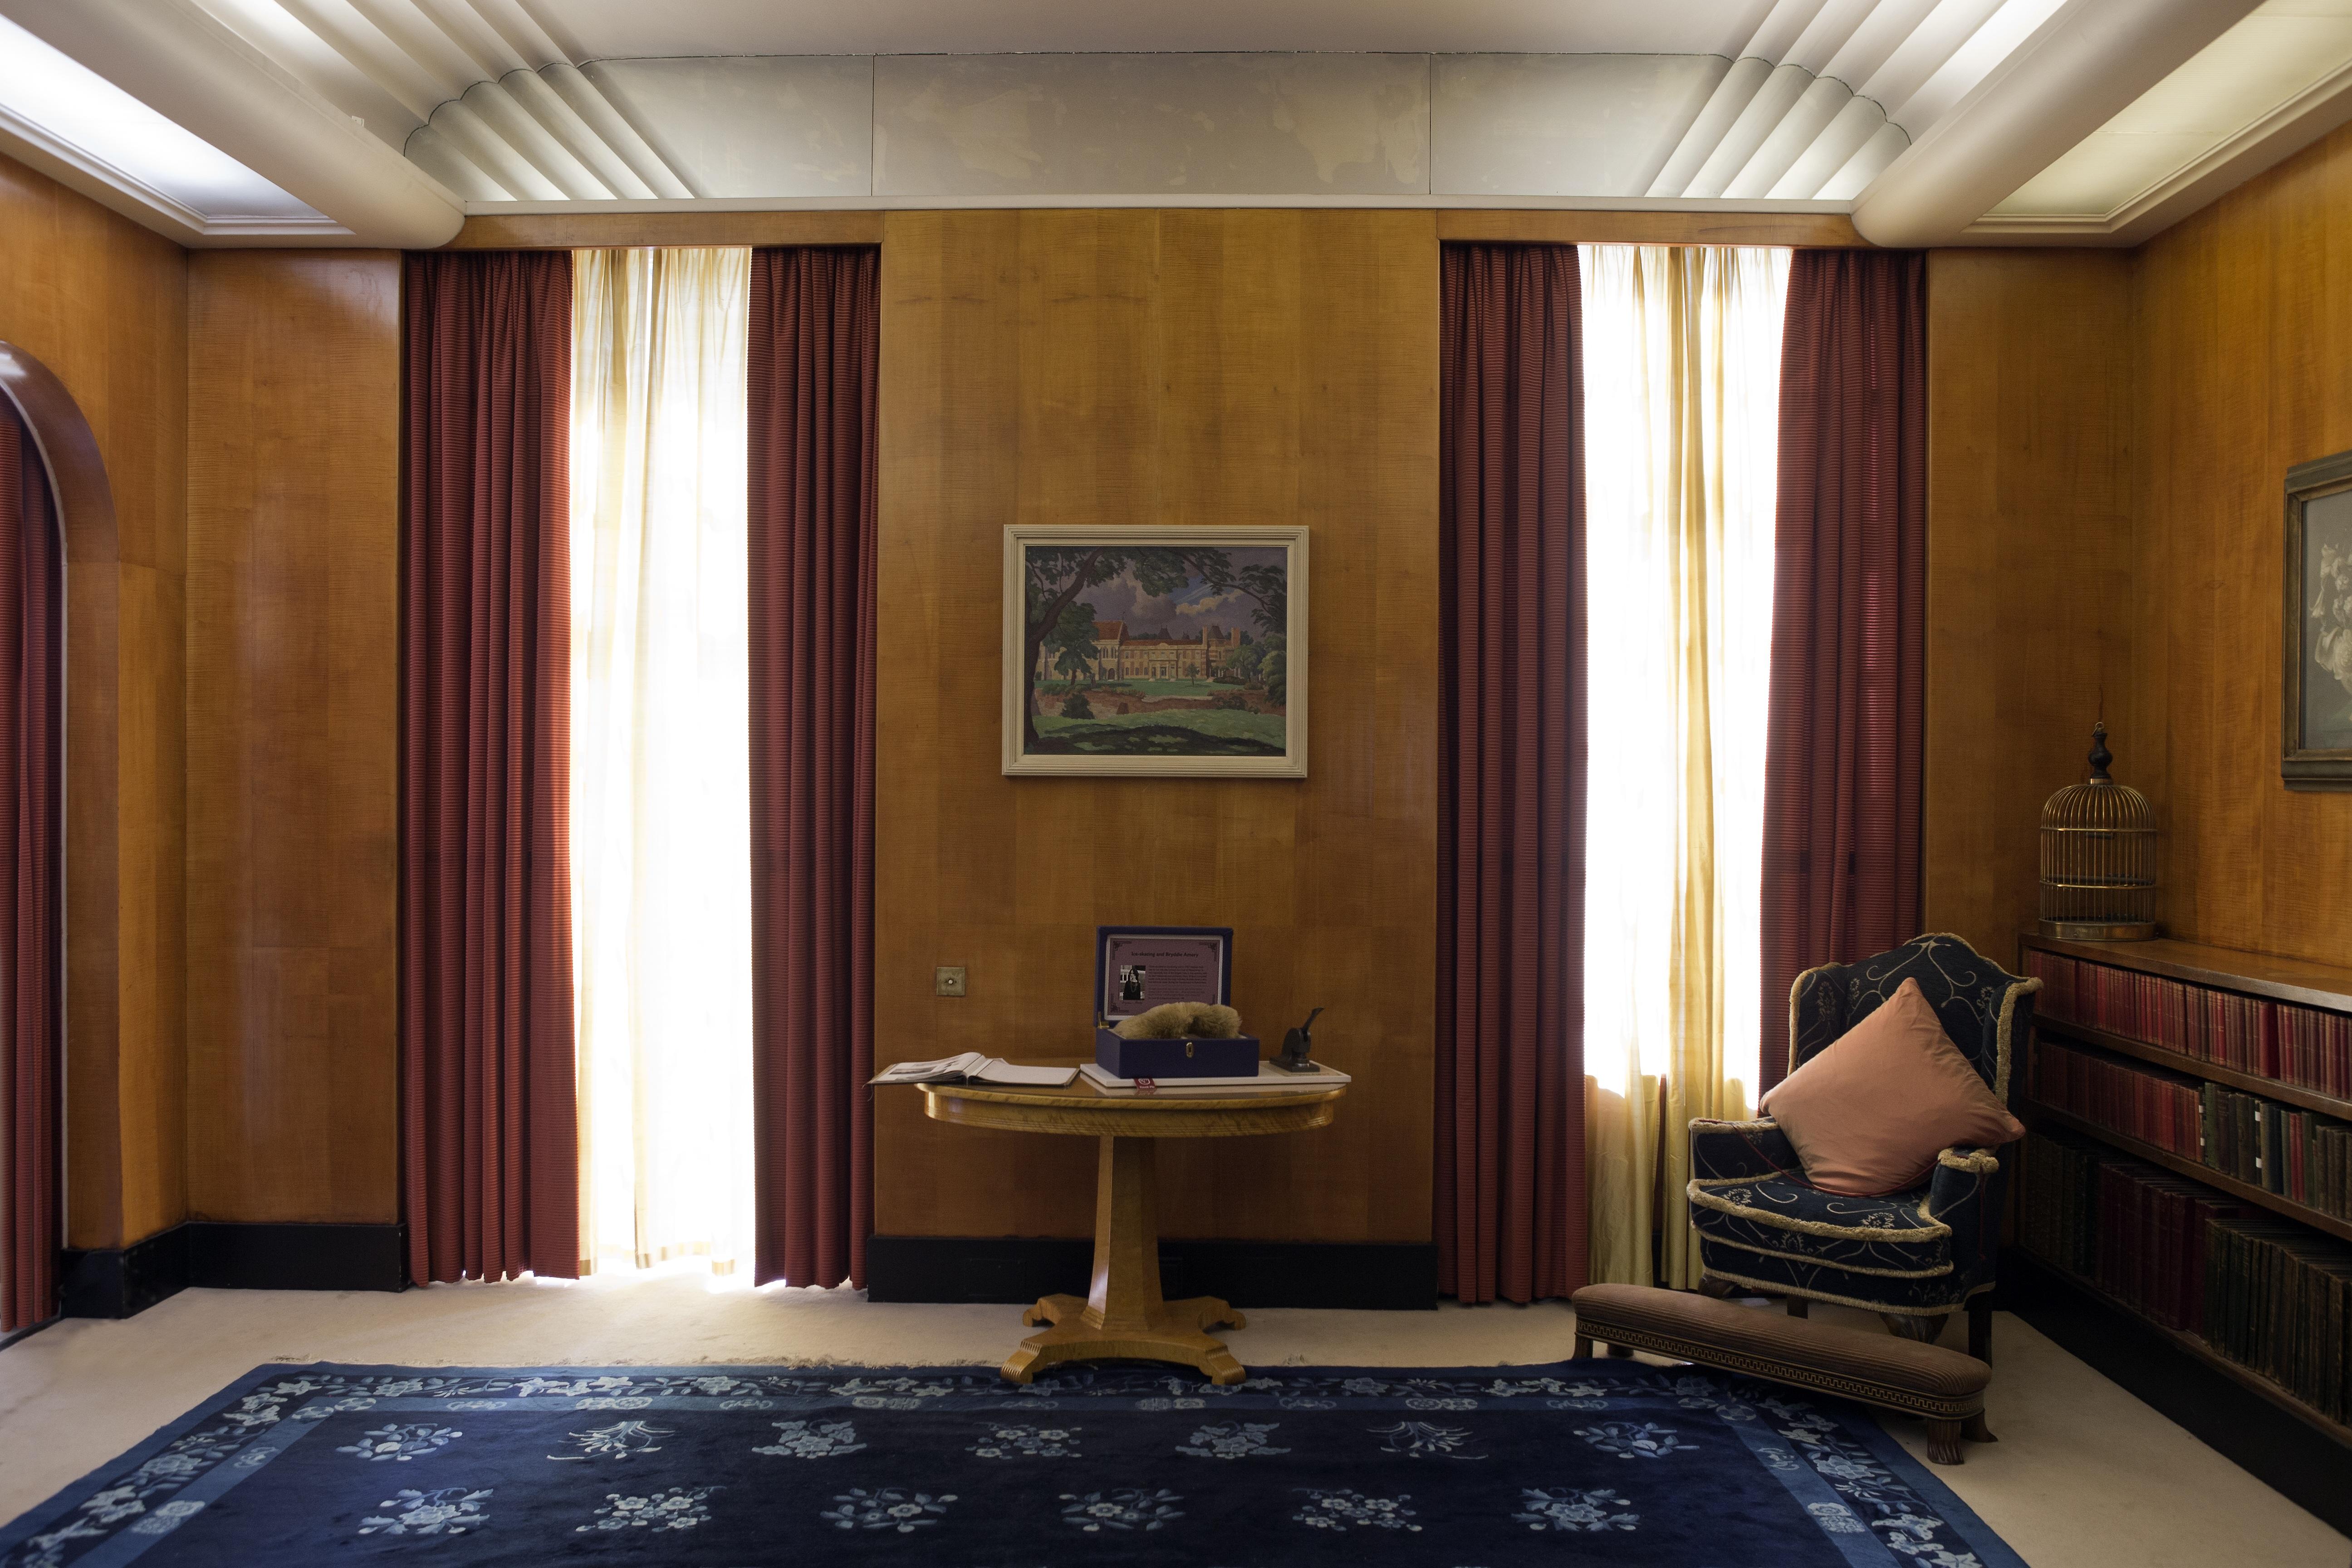 무료 이미지 : 거실, 방, 인테리어 디자인, 재산, 모음곡, 아르 ...